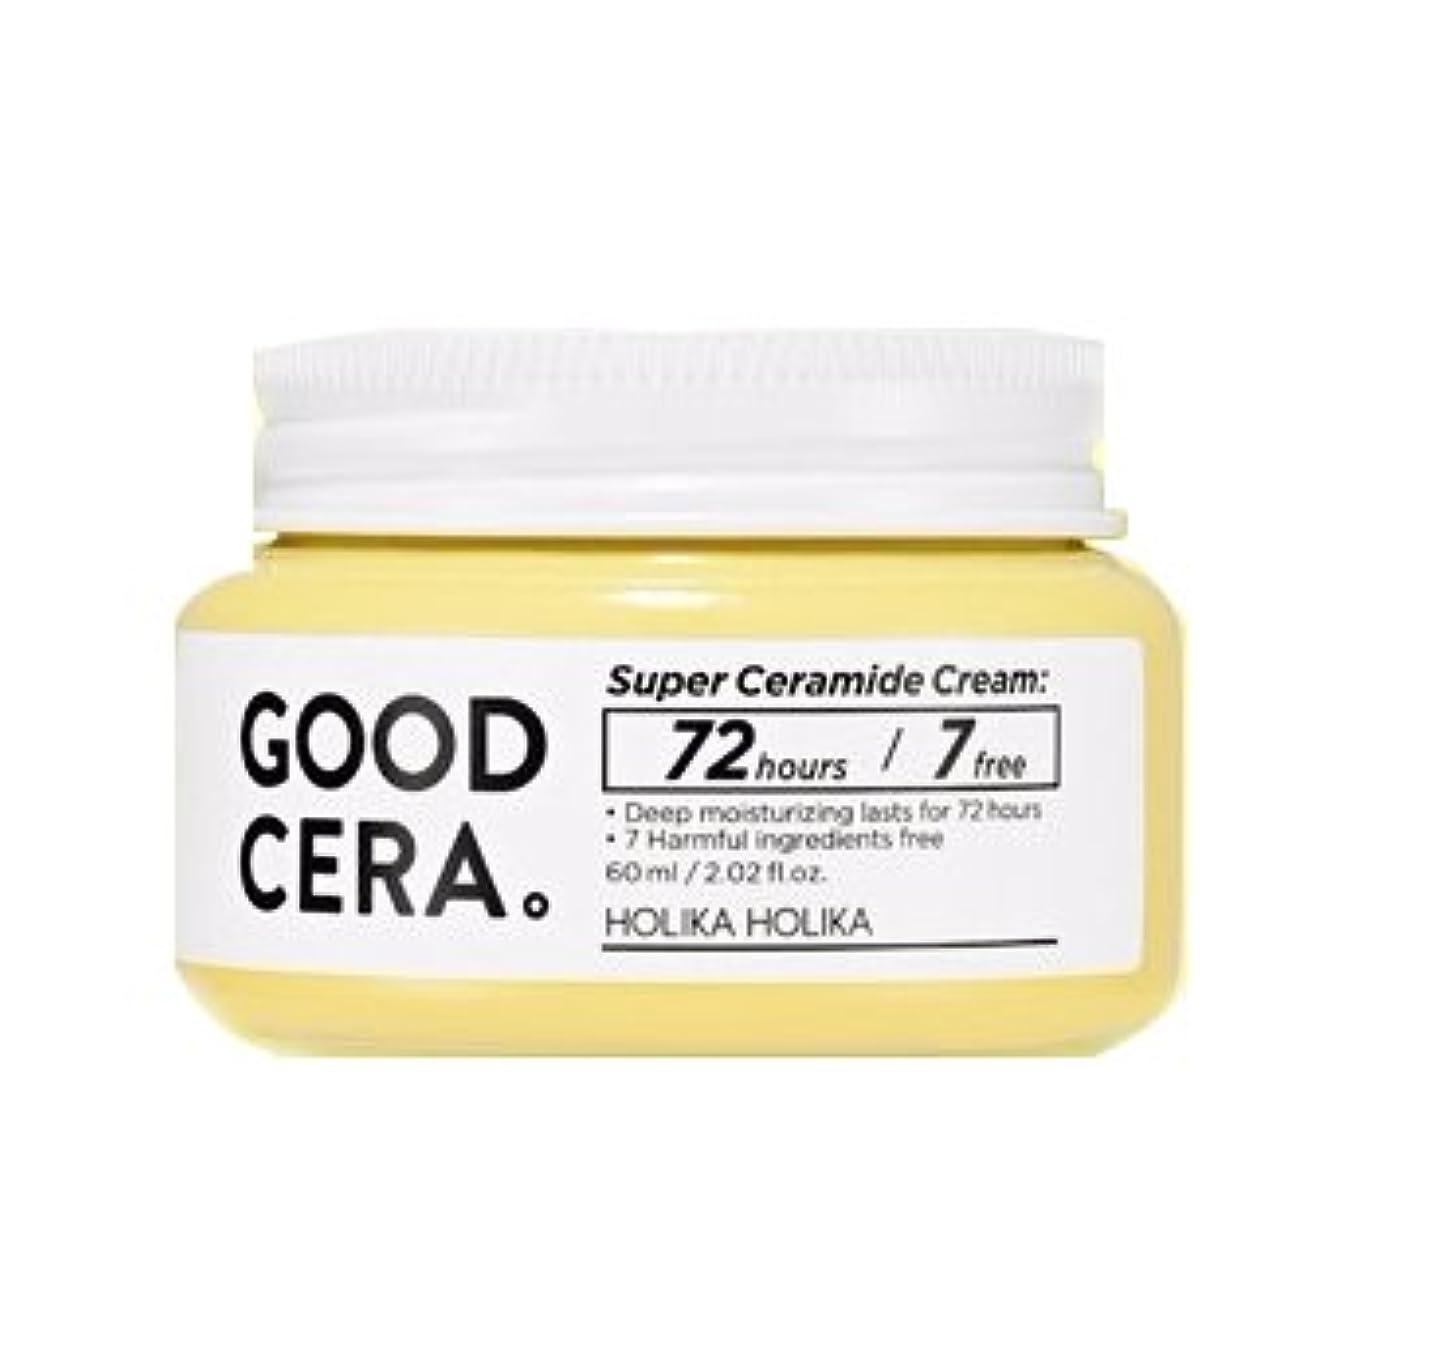 熱心なリングバック地上で[NEW] ホリカホリカ スーパーセラミドクリーム 60ml / HOLIKA HOLIKA Super Ceramide Cream [並行輸入品]